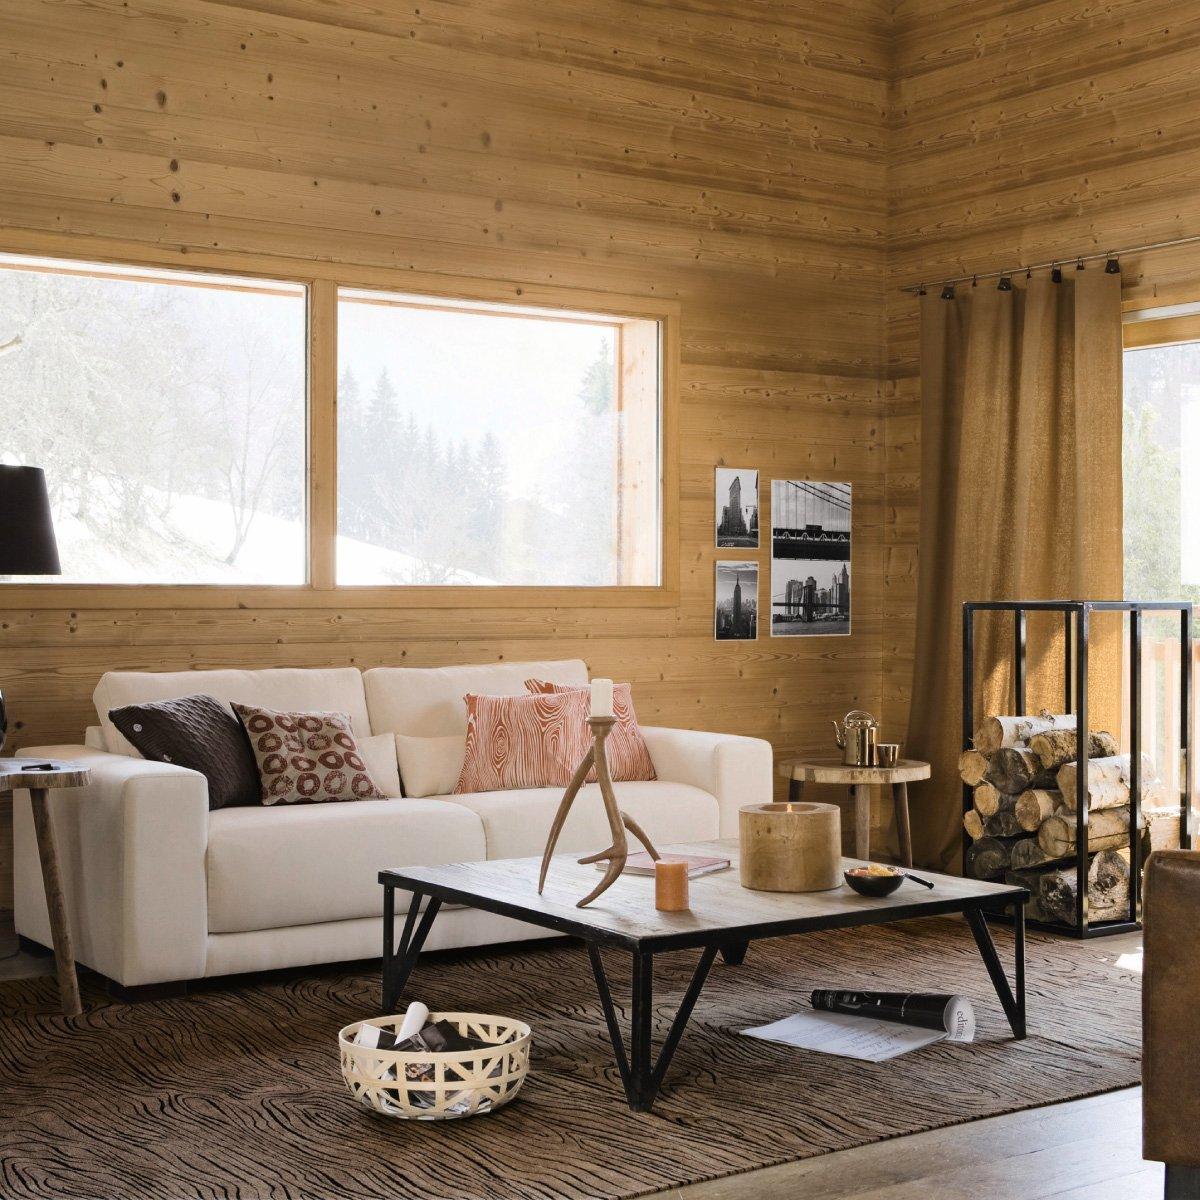 d co chalet scandinave canap blanc et cabane en bois dekobook. Black Bedroom Furniture Sets. Home Design Ideas